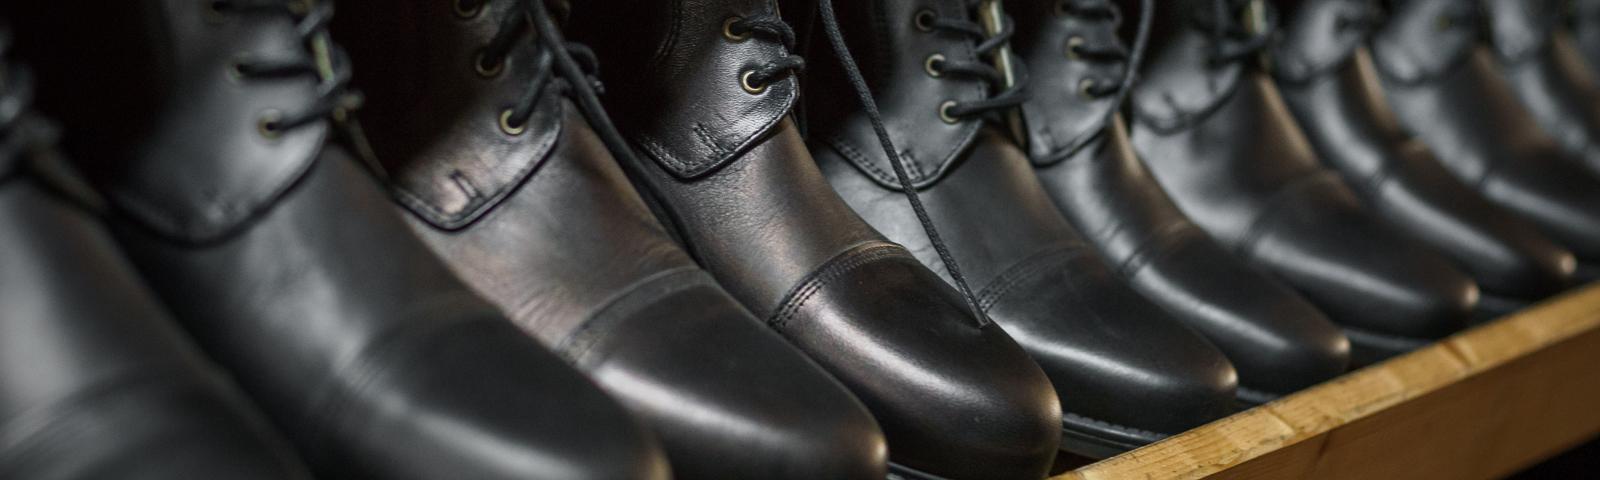 Reitschuhe Schuhpflege Lederpflege